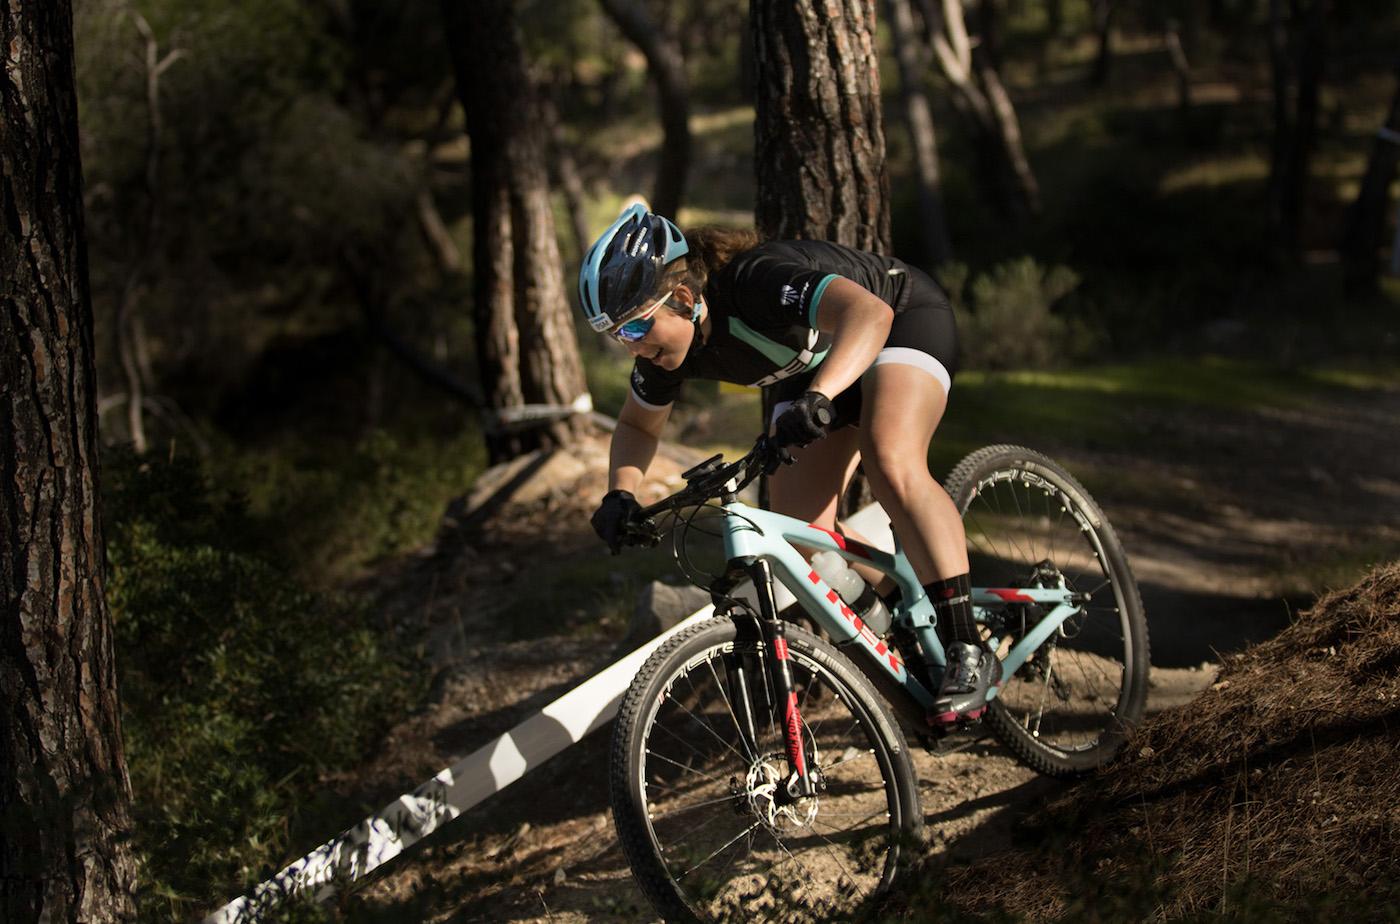 Elisabeth Sveum satser videre på Trek og Bontrager utstyr, med Foss sykler i ryggen. Foto: Bengt Ove Sannes